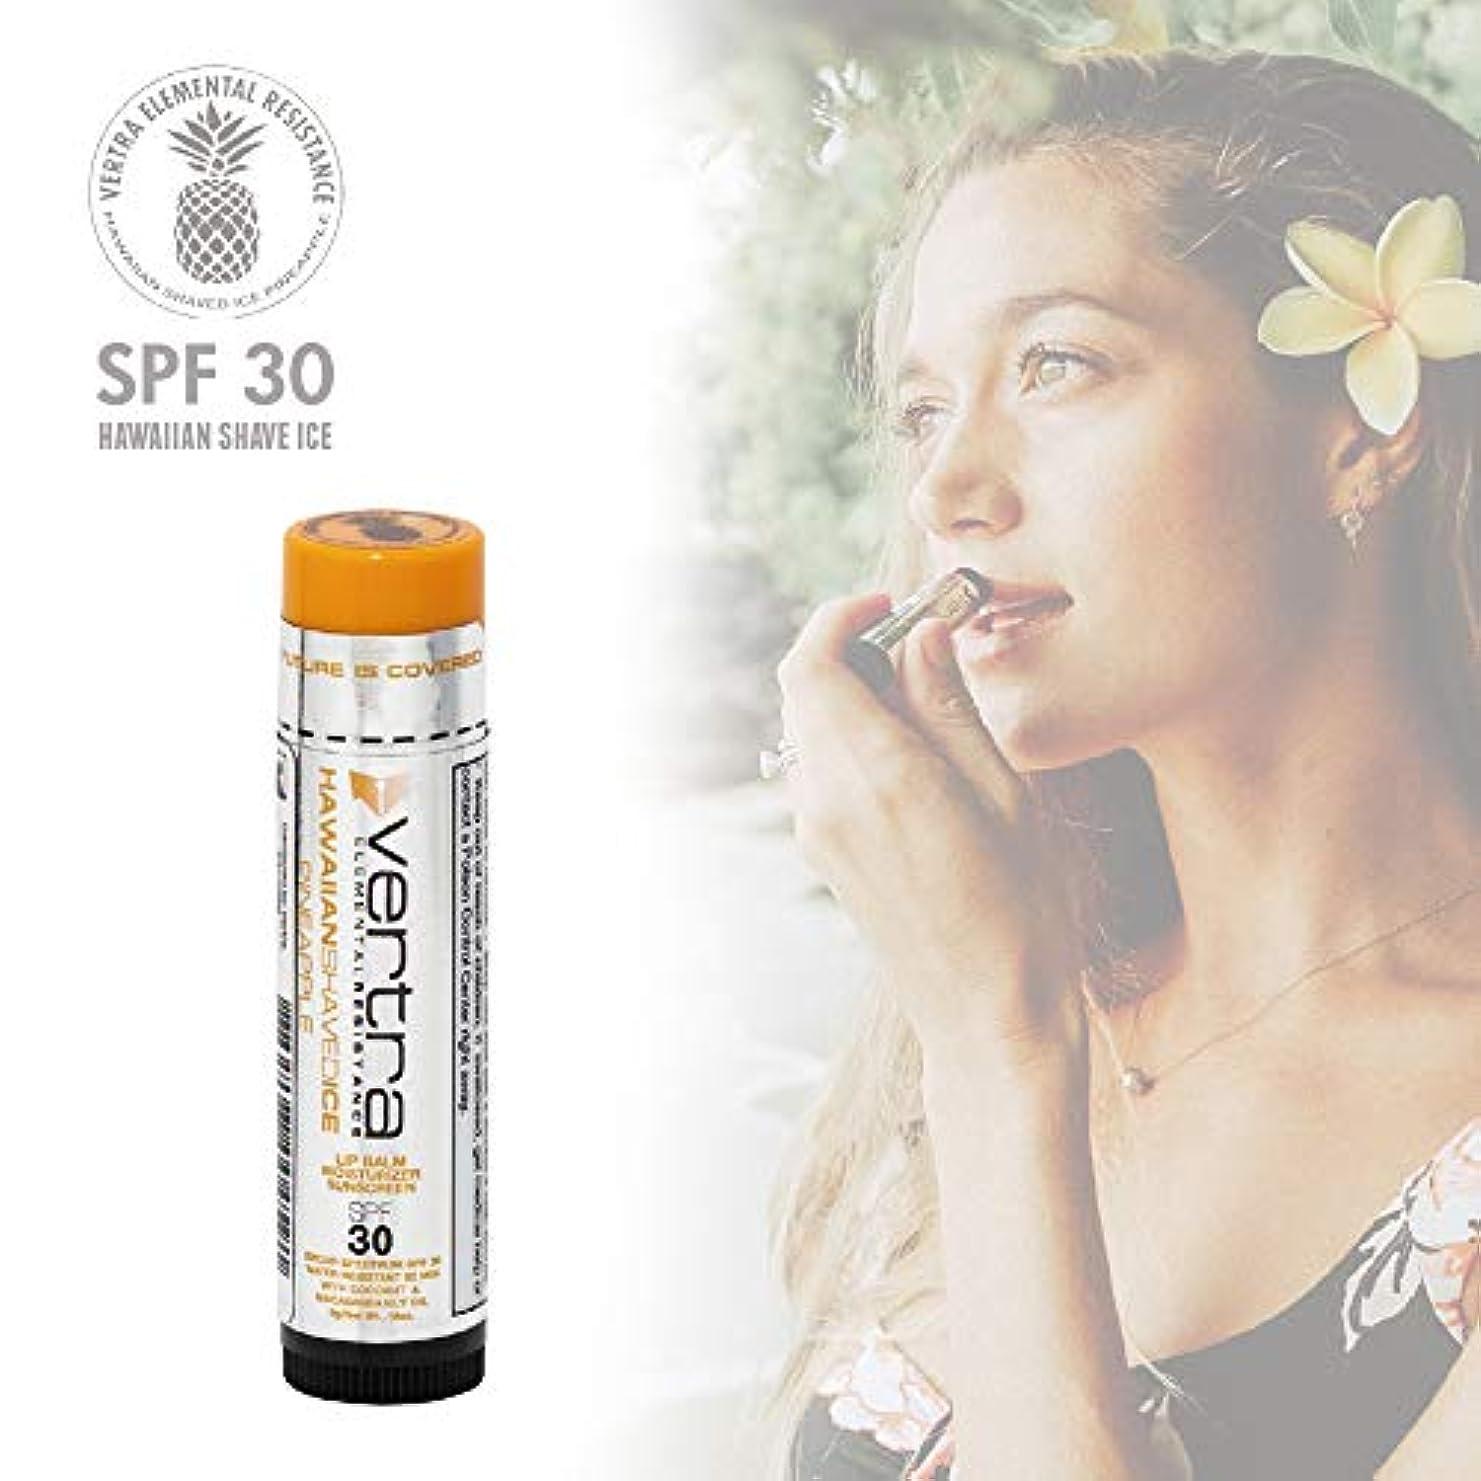 効率的トロリー磁気VERTRA (バートラ) リップ 日焼け止め Lip Balm hawaiian shaved ice pineapple SPF30 PA+++